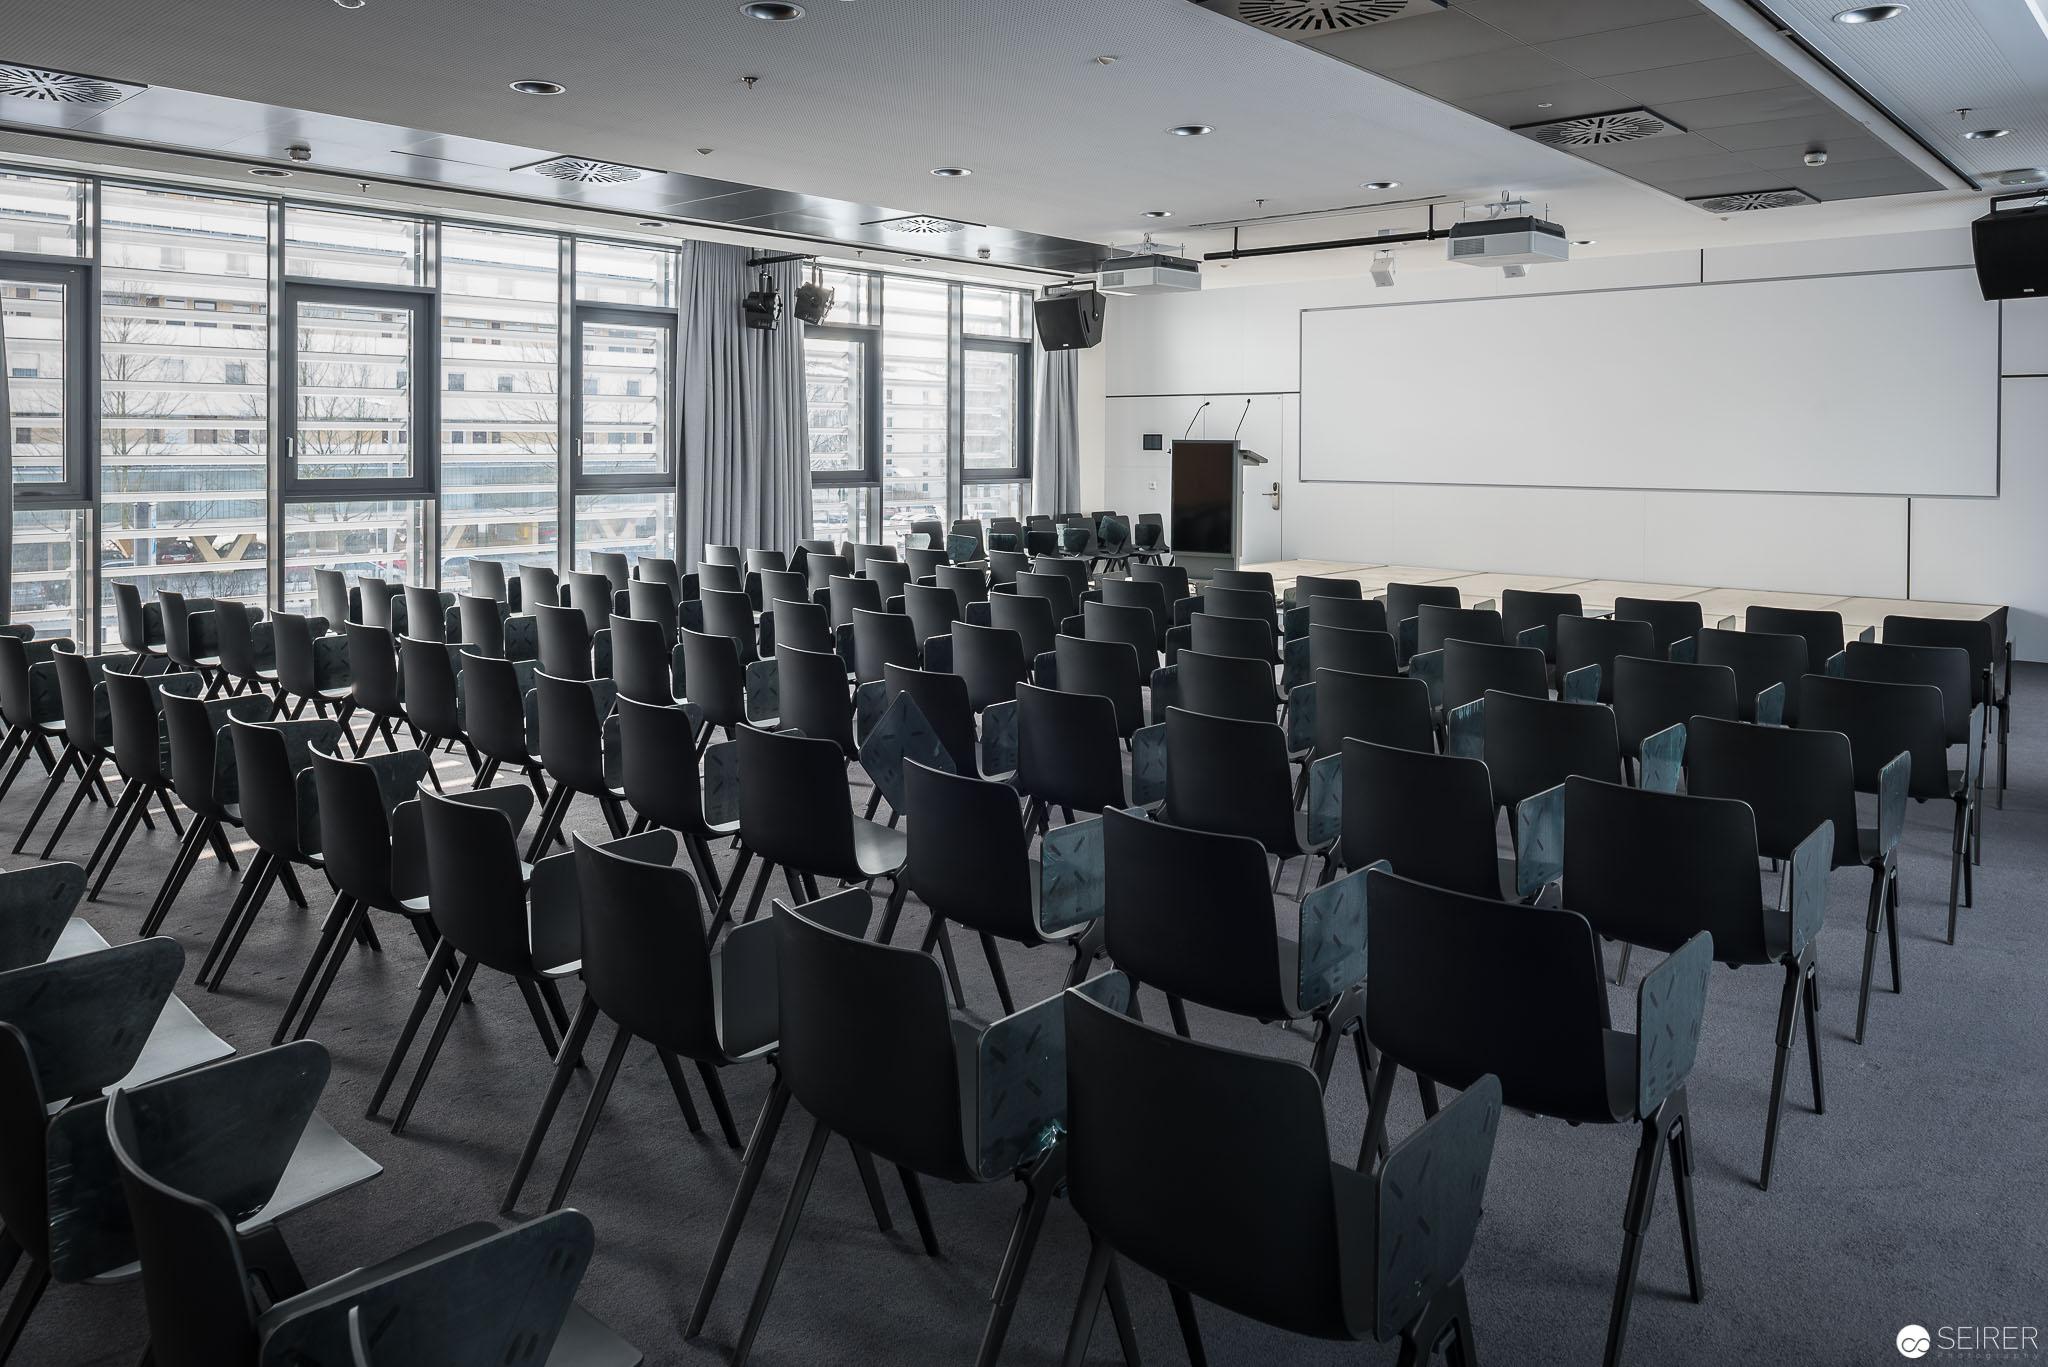 Konferenz- und Vortragsraum,Universitätsklinik St. Pölten